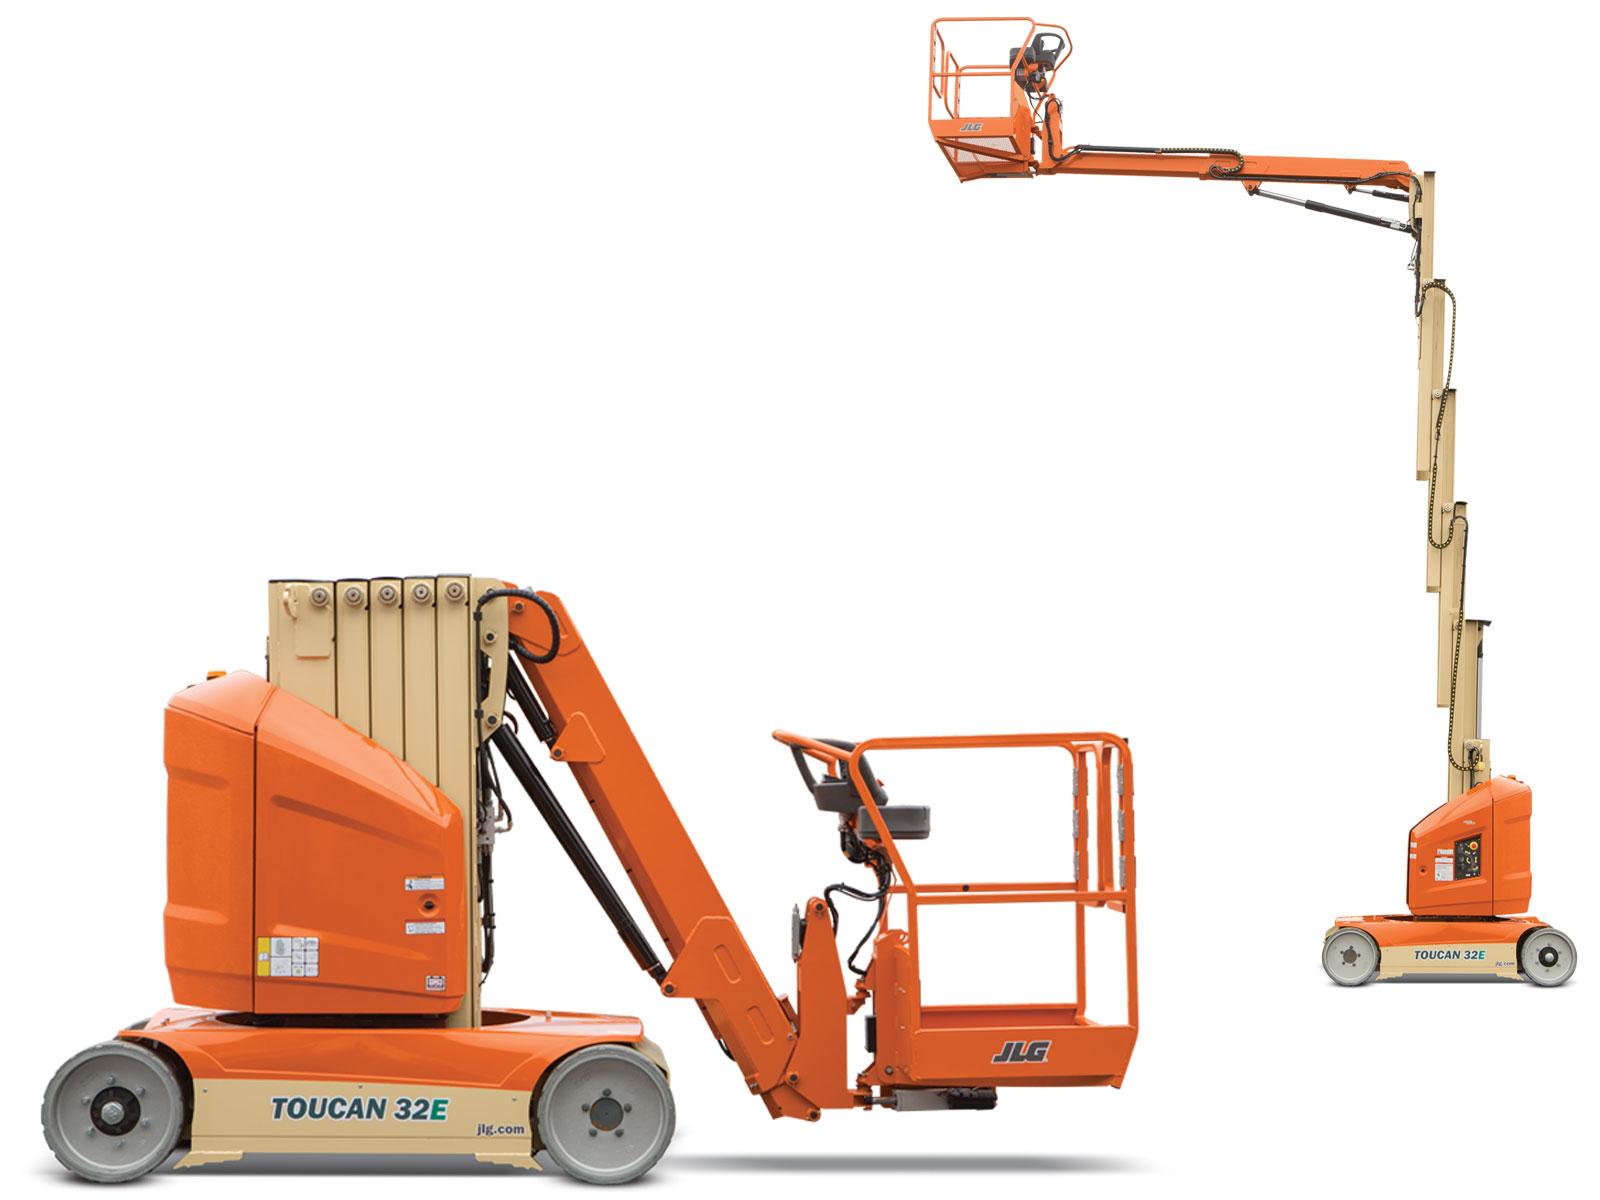 t32e mast boom lift jlg rh jlg com jlg lift parts manual jlg lifts manuals model e450aj